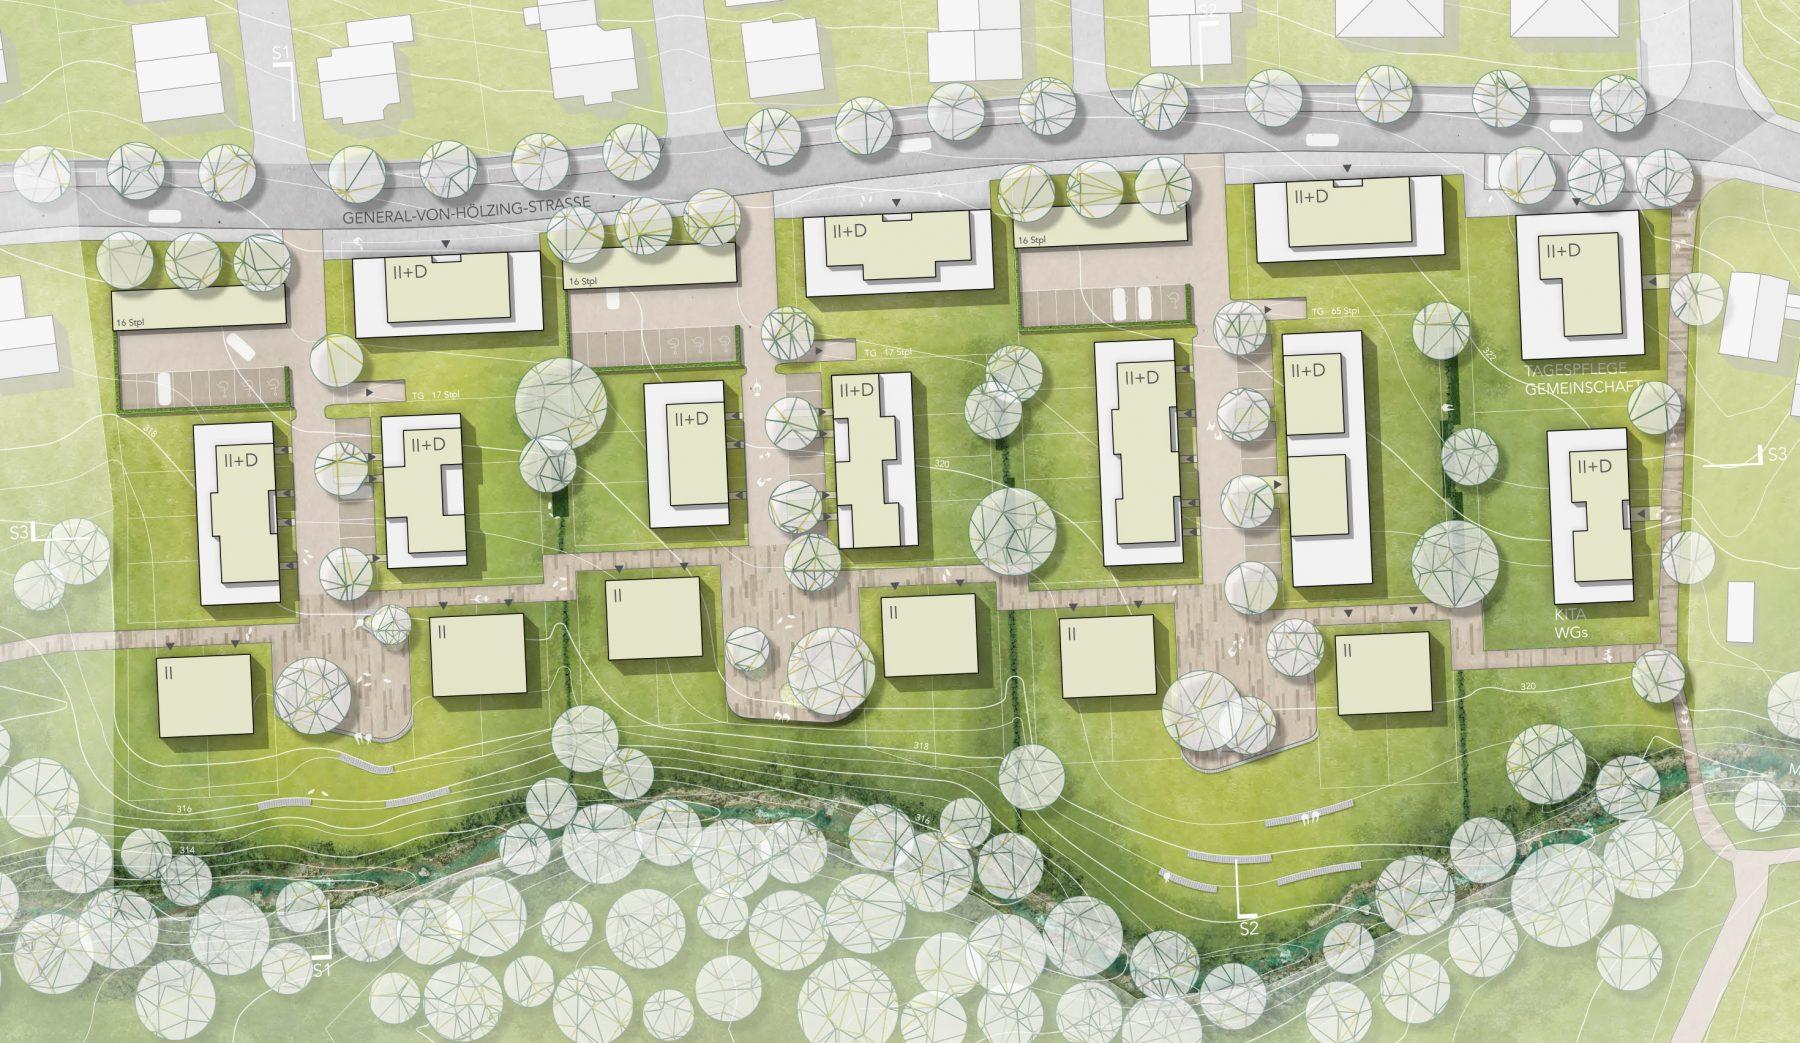 """Lageplan Realisierungswettbewerb """"Wohngebiet General-von-Holzing-Straße"""", Bollschweil"""